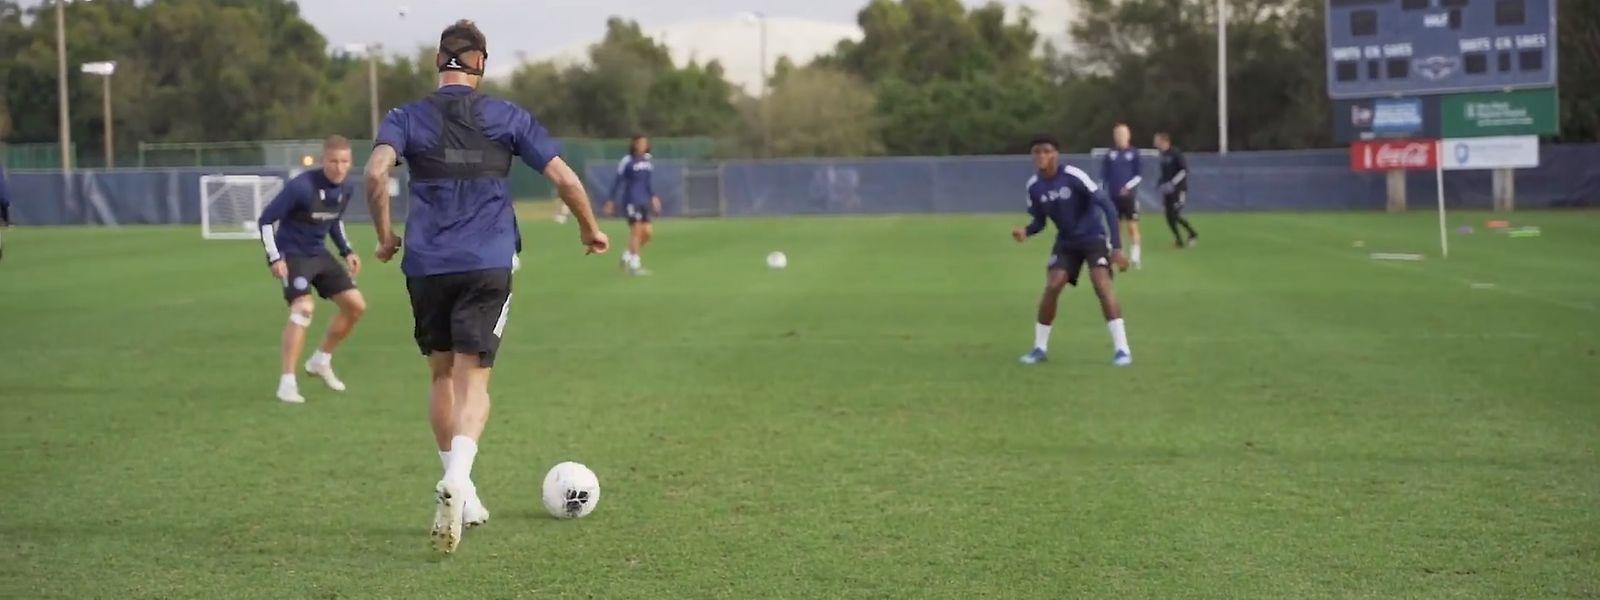 Maxime Chanot (am Ball) lässt sich nicht vom Training abhalten.